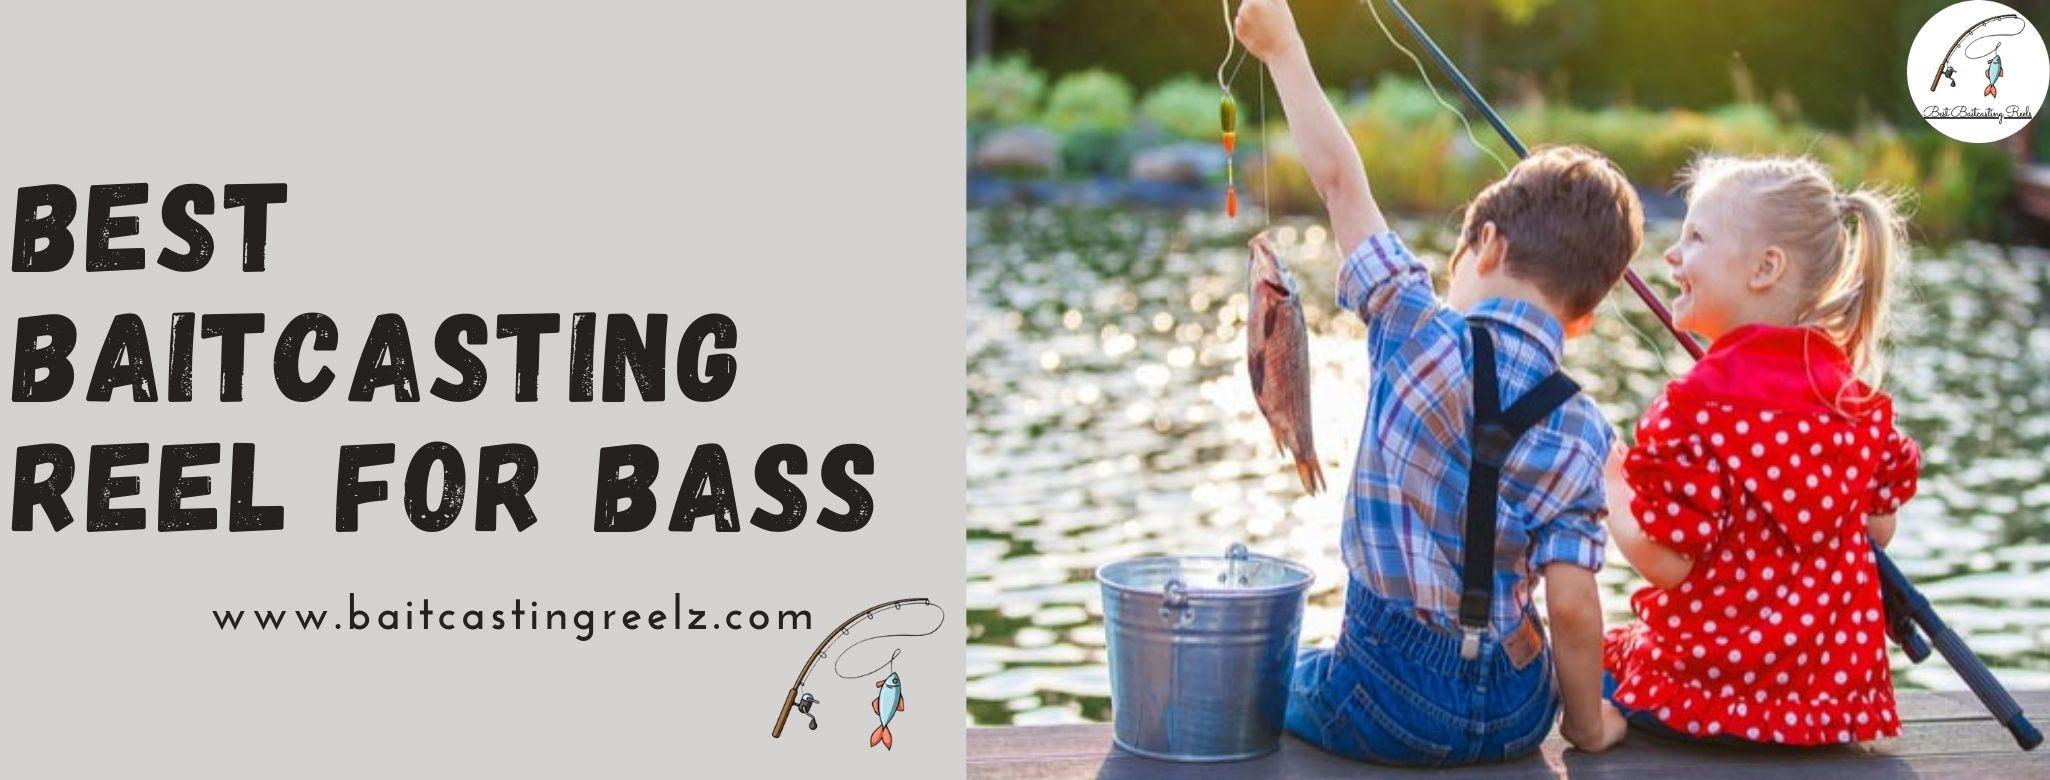 best baitcasting reel for bass 2021